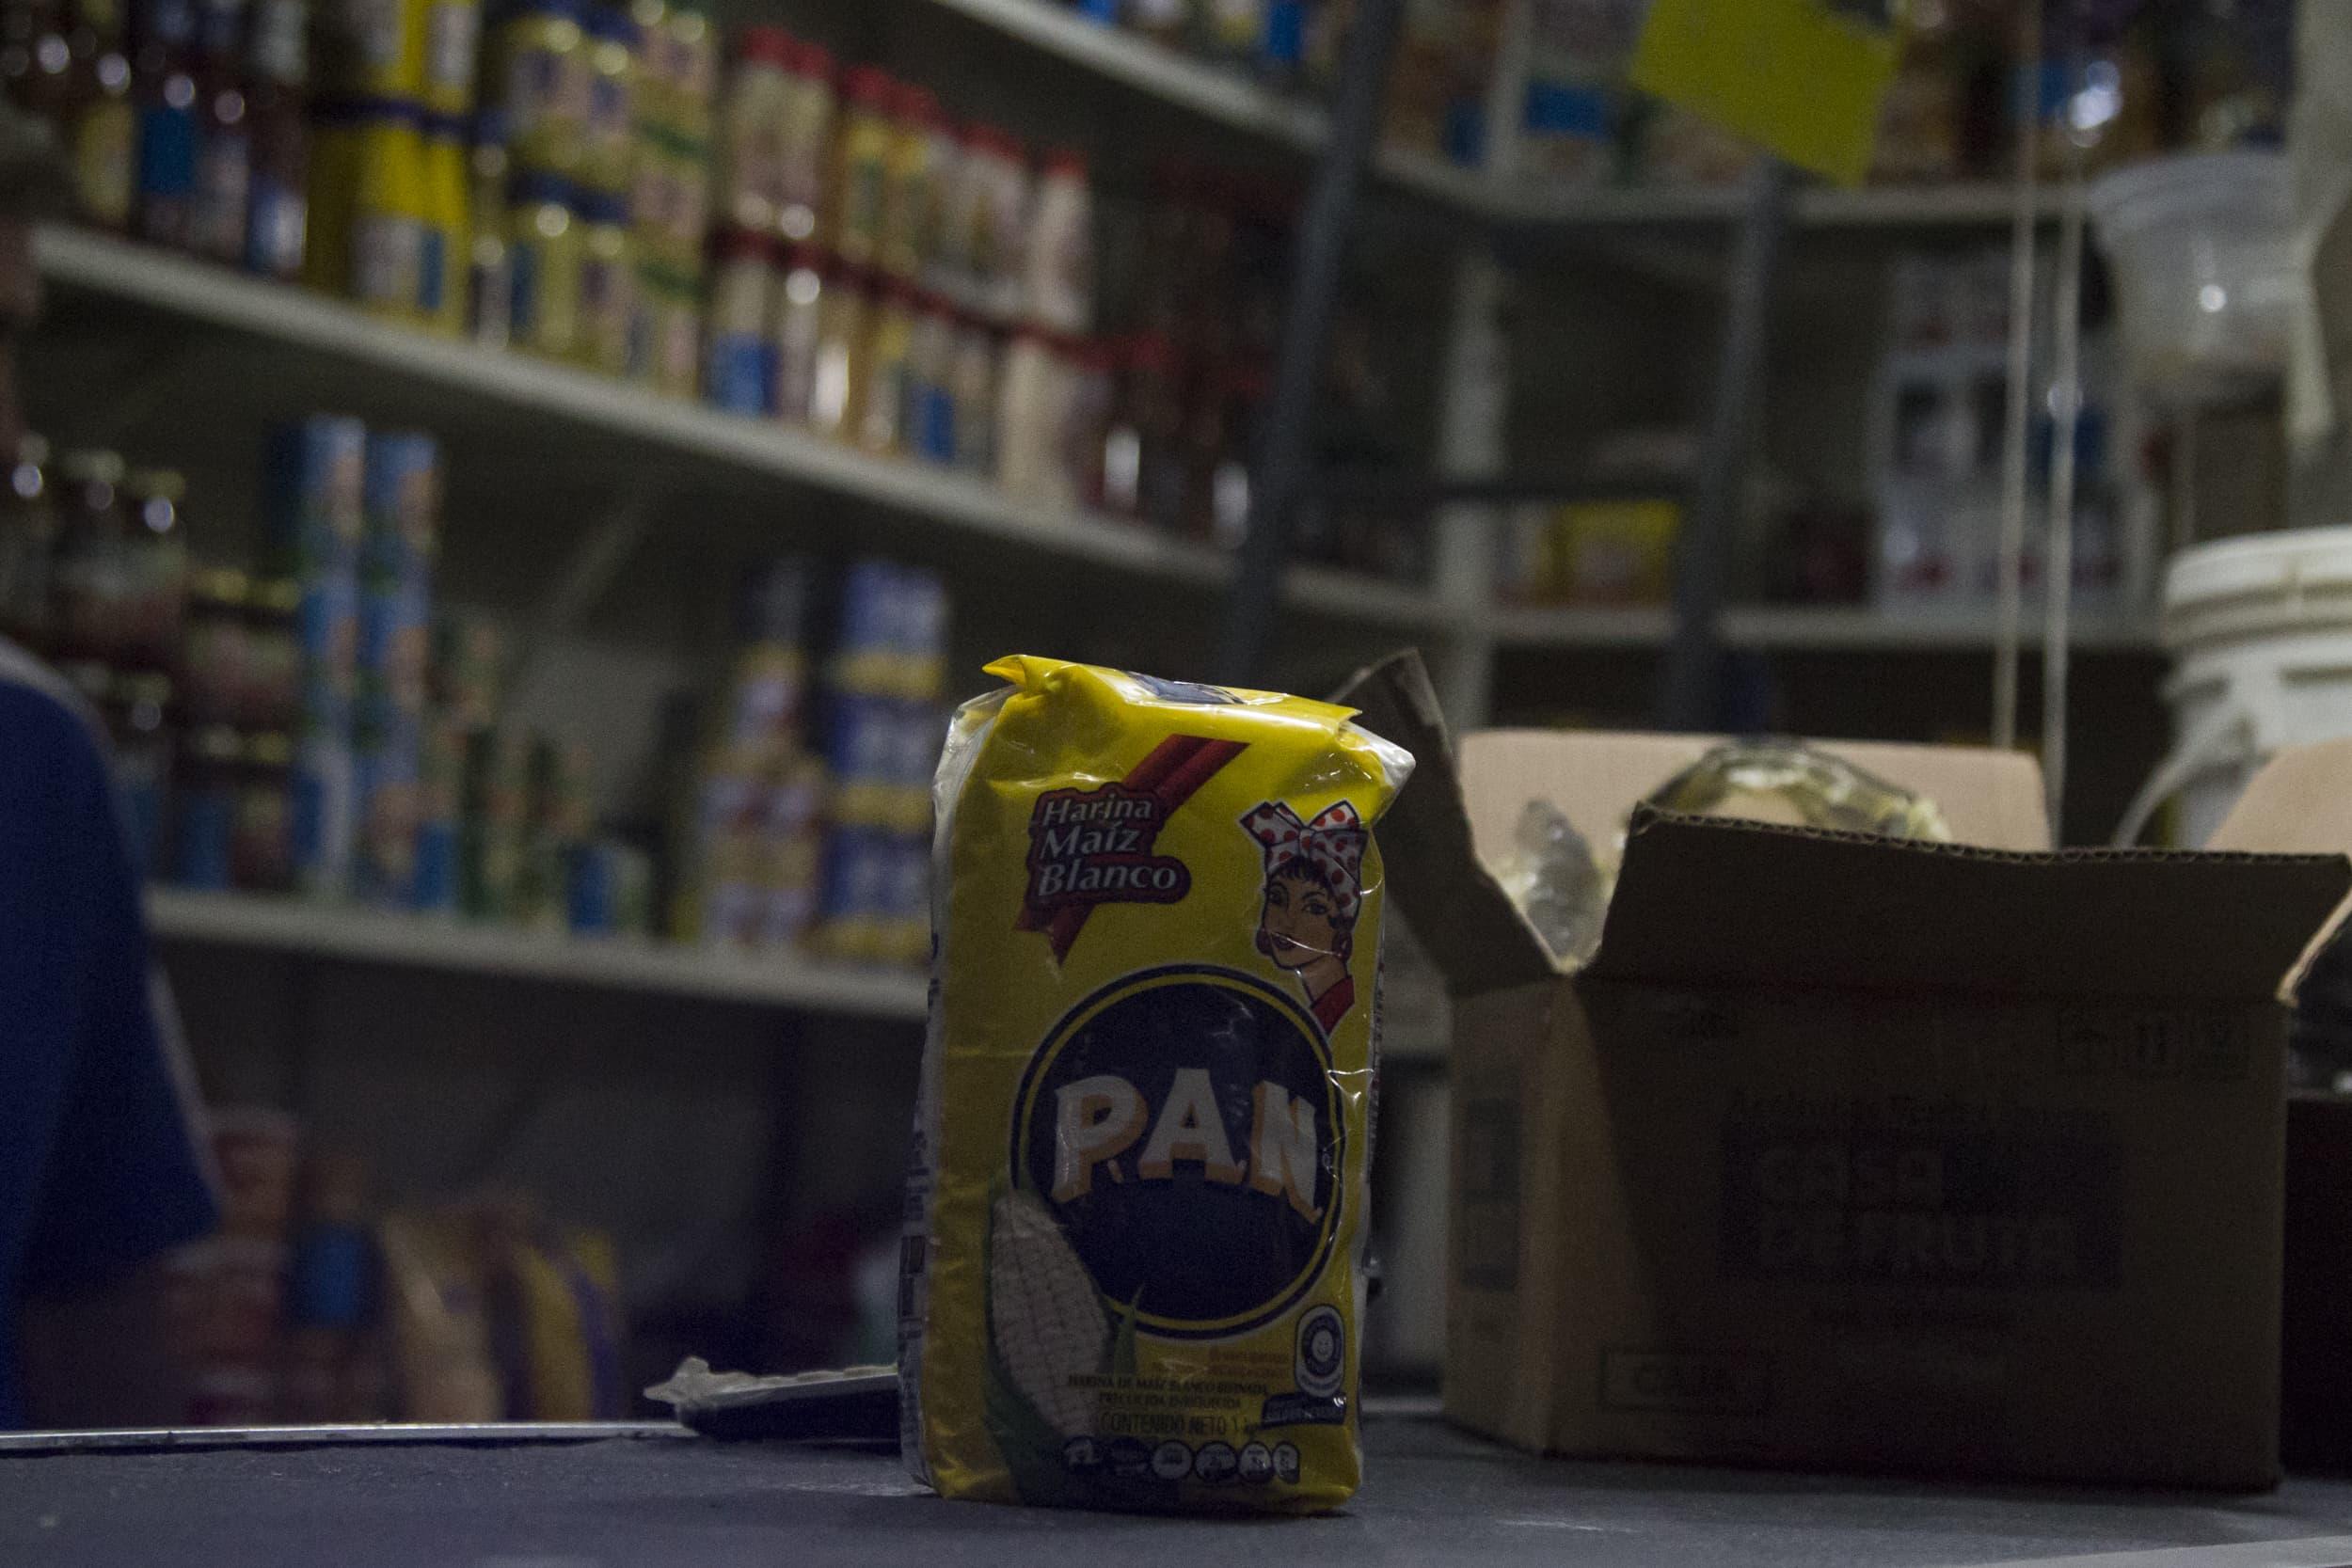 costo de la canasta alimentaria